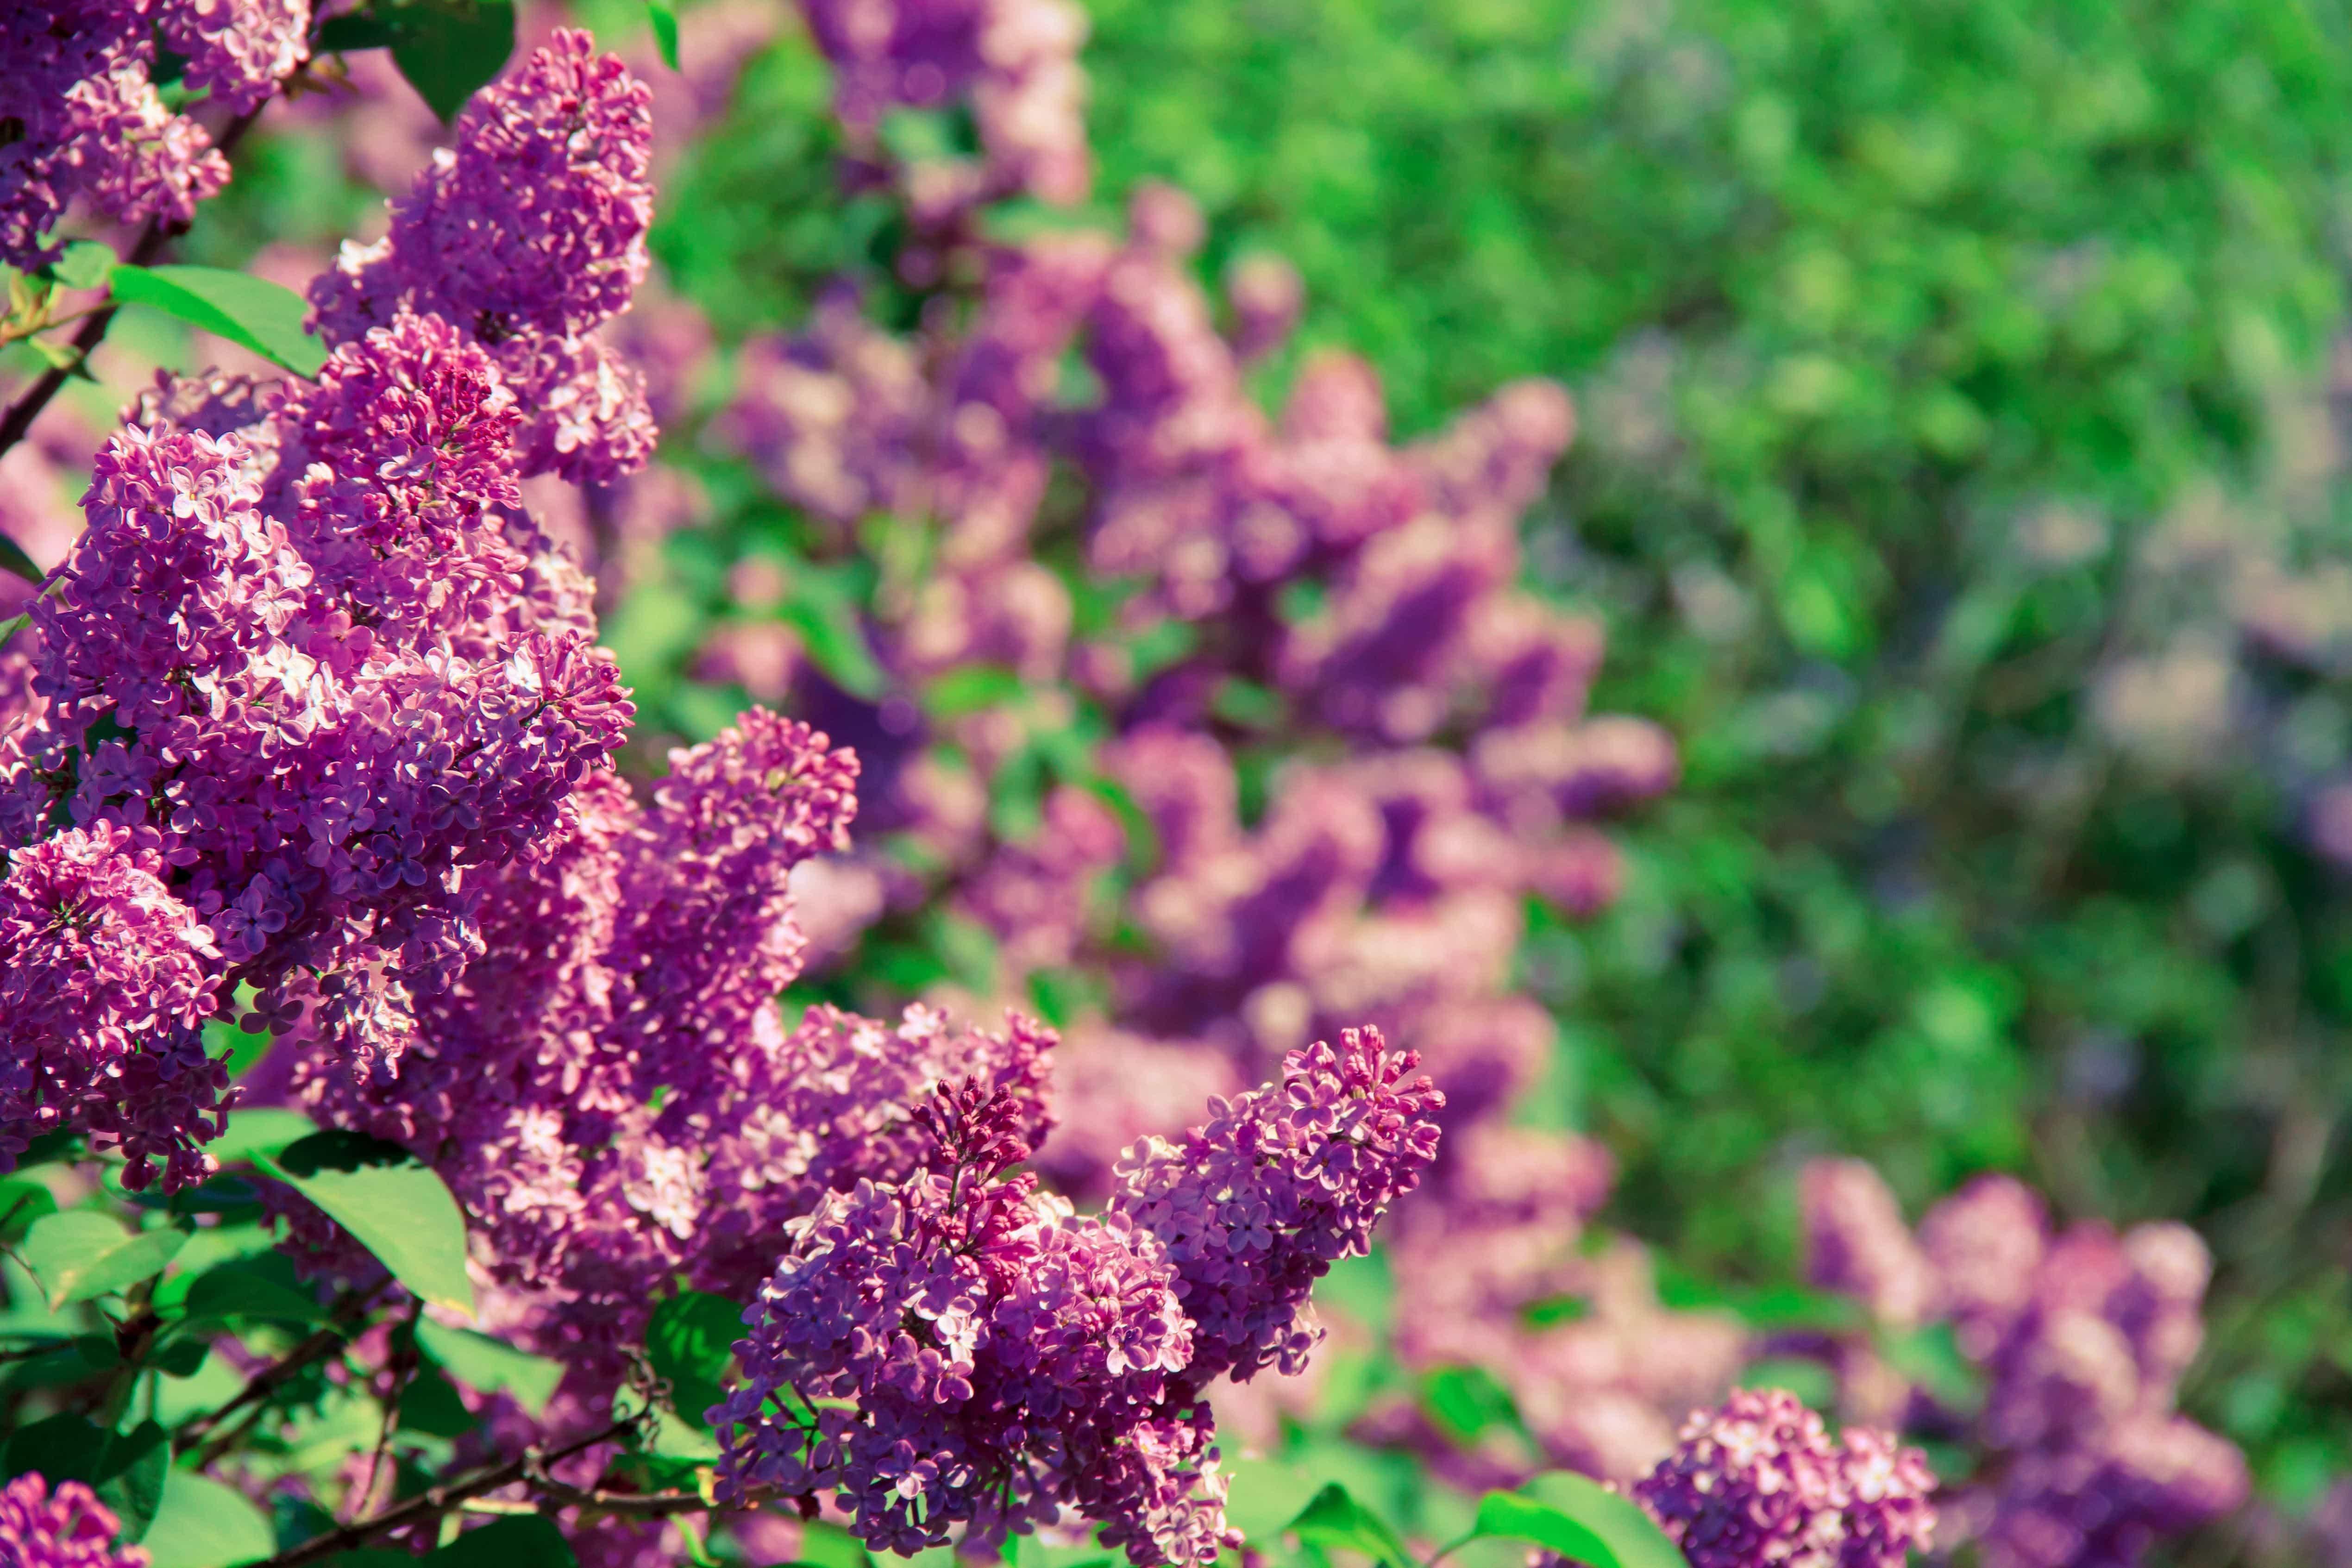 Image Libre Ete Nature Jardin Feuille Fleur Lilas Pourpre Plante